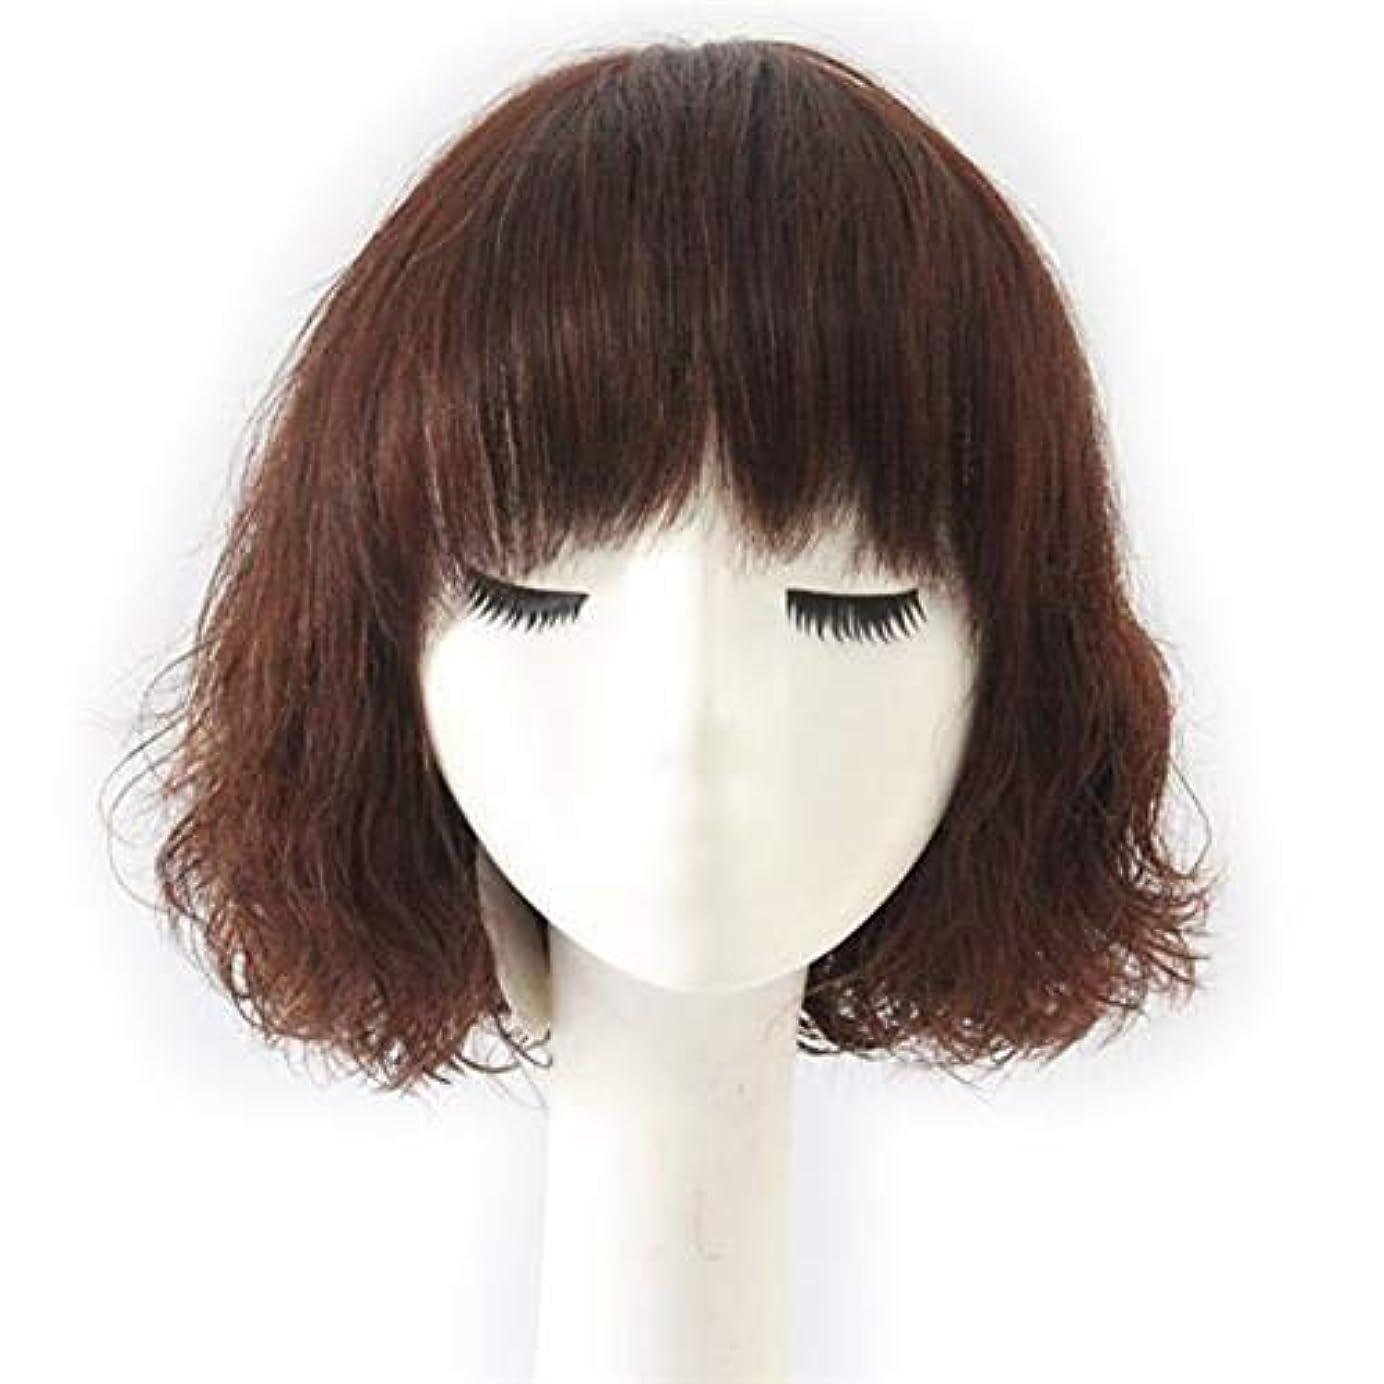 そんなに急流肺炎かつら 女性のファッションかつらのためのダークブラウンのリアルヘアウィッグショートカーリーペアヘッド (色 : Natural color)